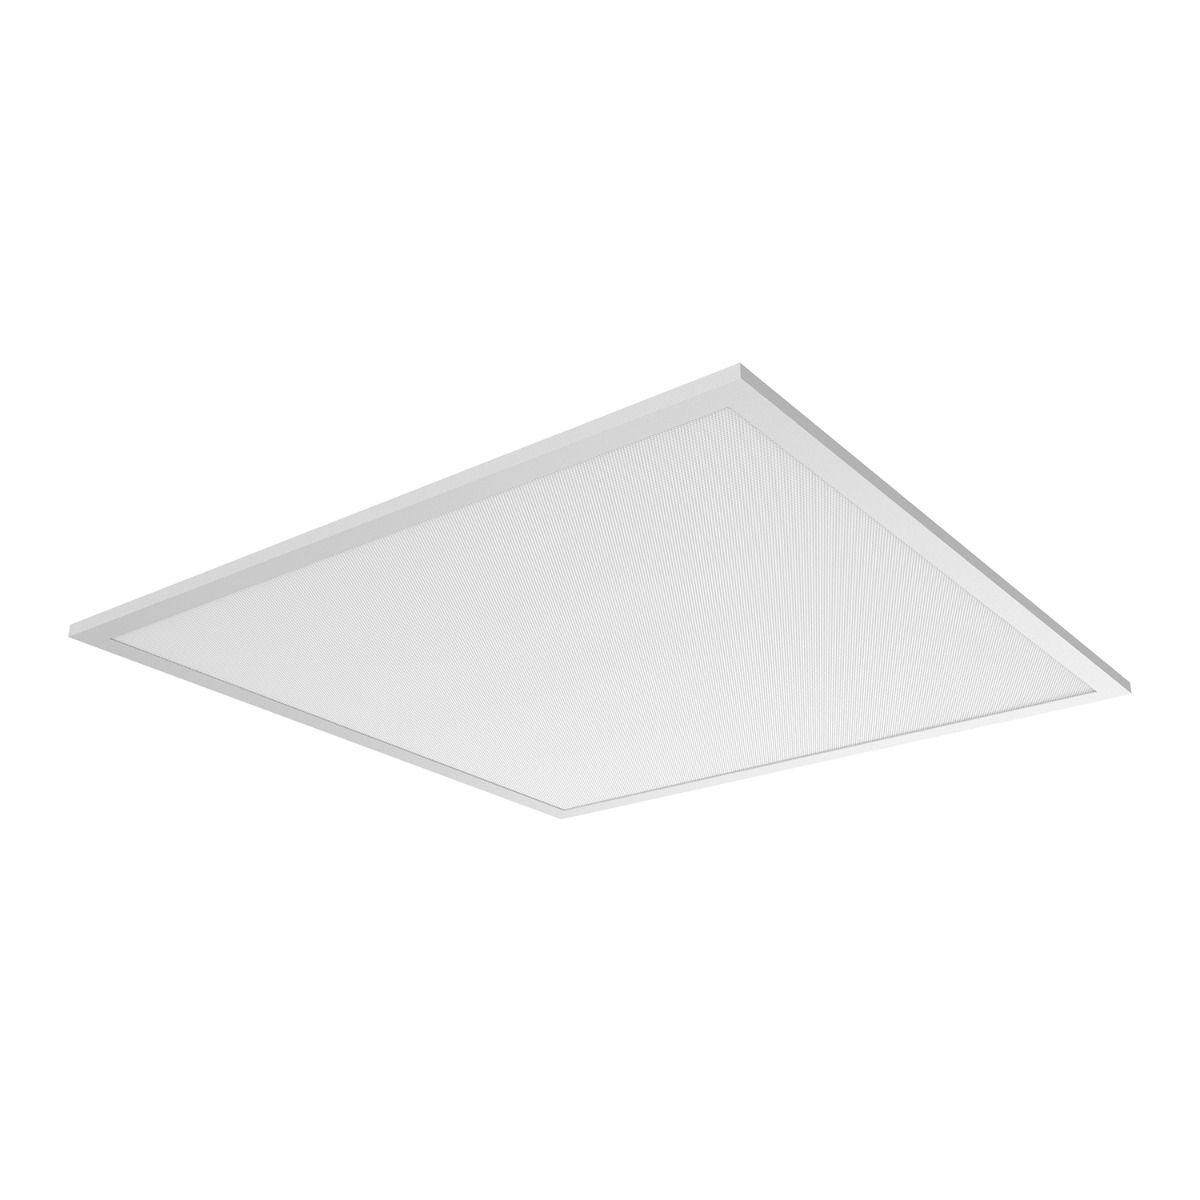 Noxion LED Paneel Delta Pro V3 DALI 30W 3000K 3960lm 60x60cm UGR <22 | Warm Wit - Vervangt 4x18W